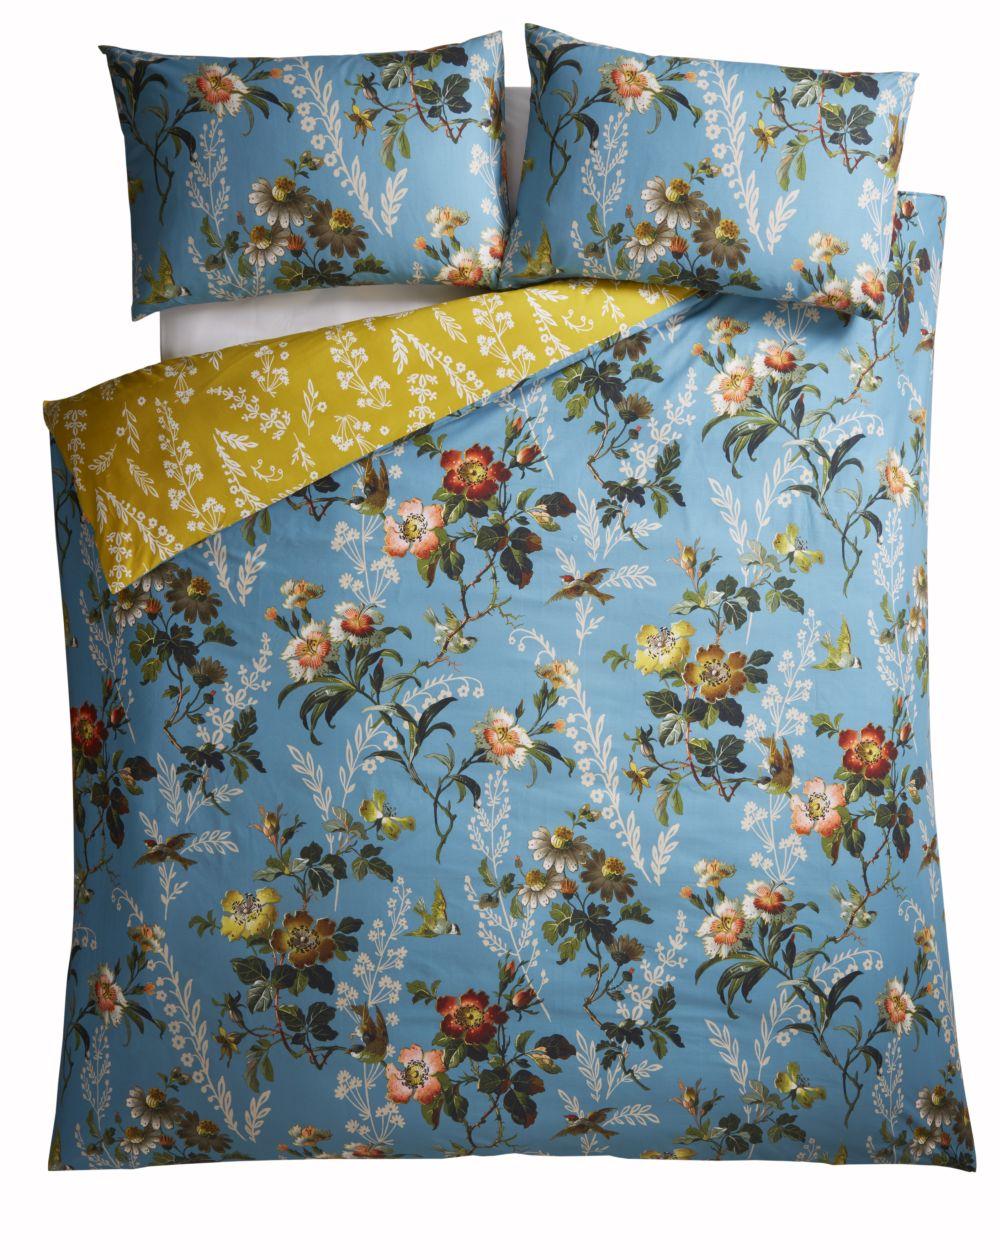 Oasis Leighton Duvet Set Teal Duvet Cover - Product code: M0011/01/KS